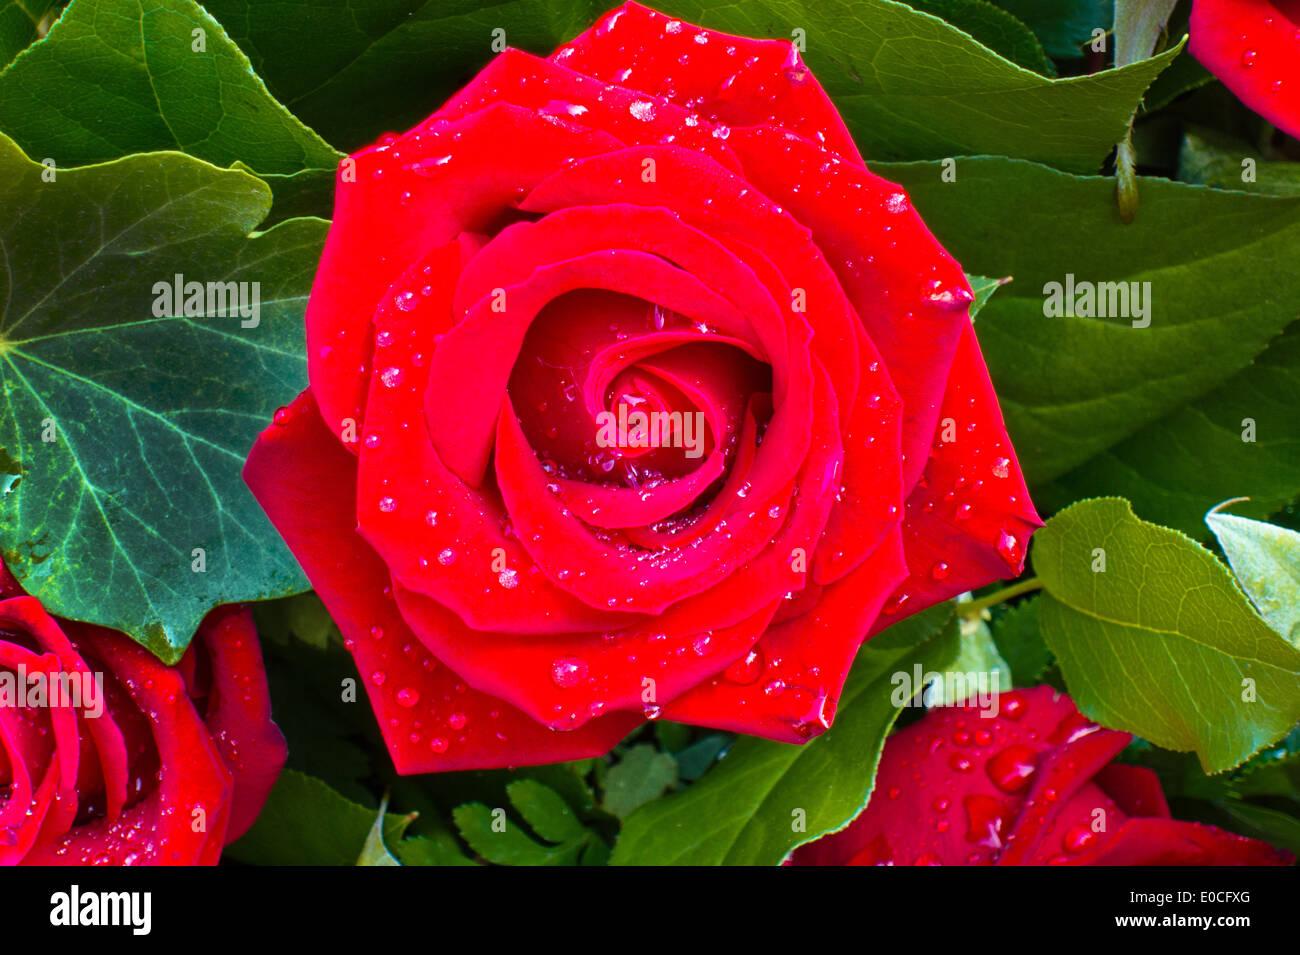 Una rosa roja con una gota de fresco cuerda. Eine rote Rose mit Tropfen von frischem Tau. Foto de stock